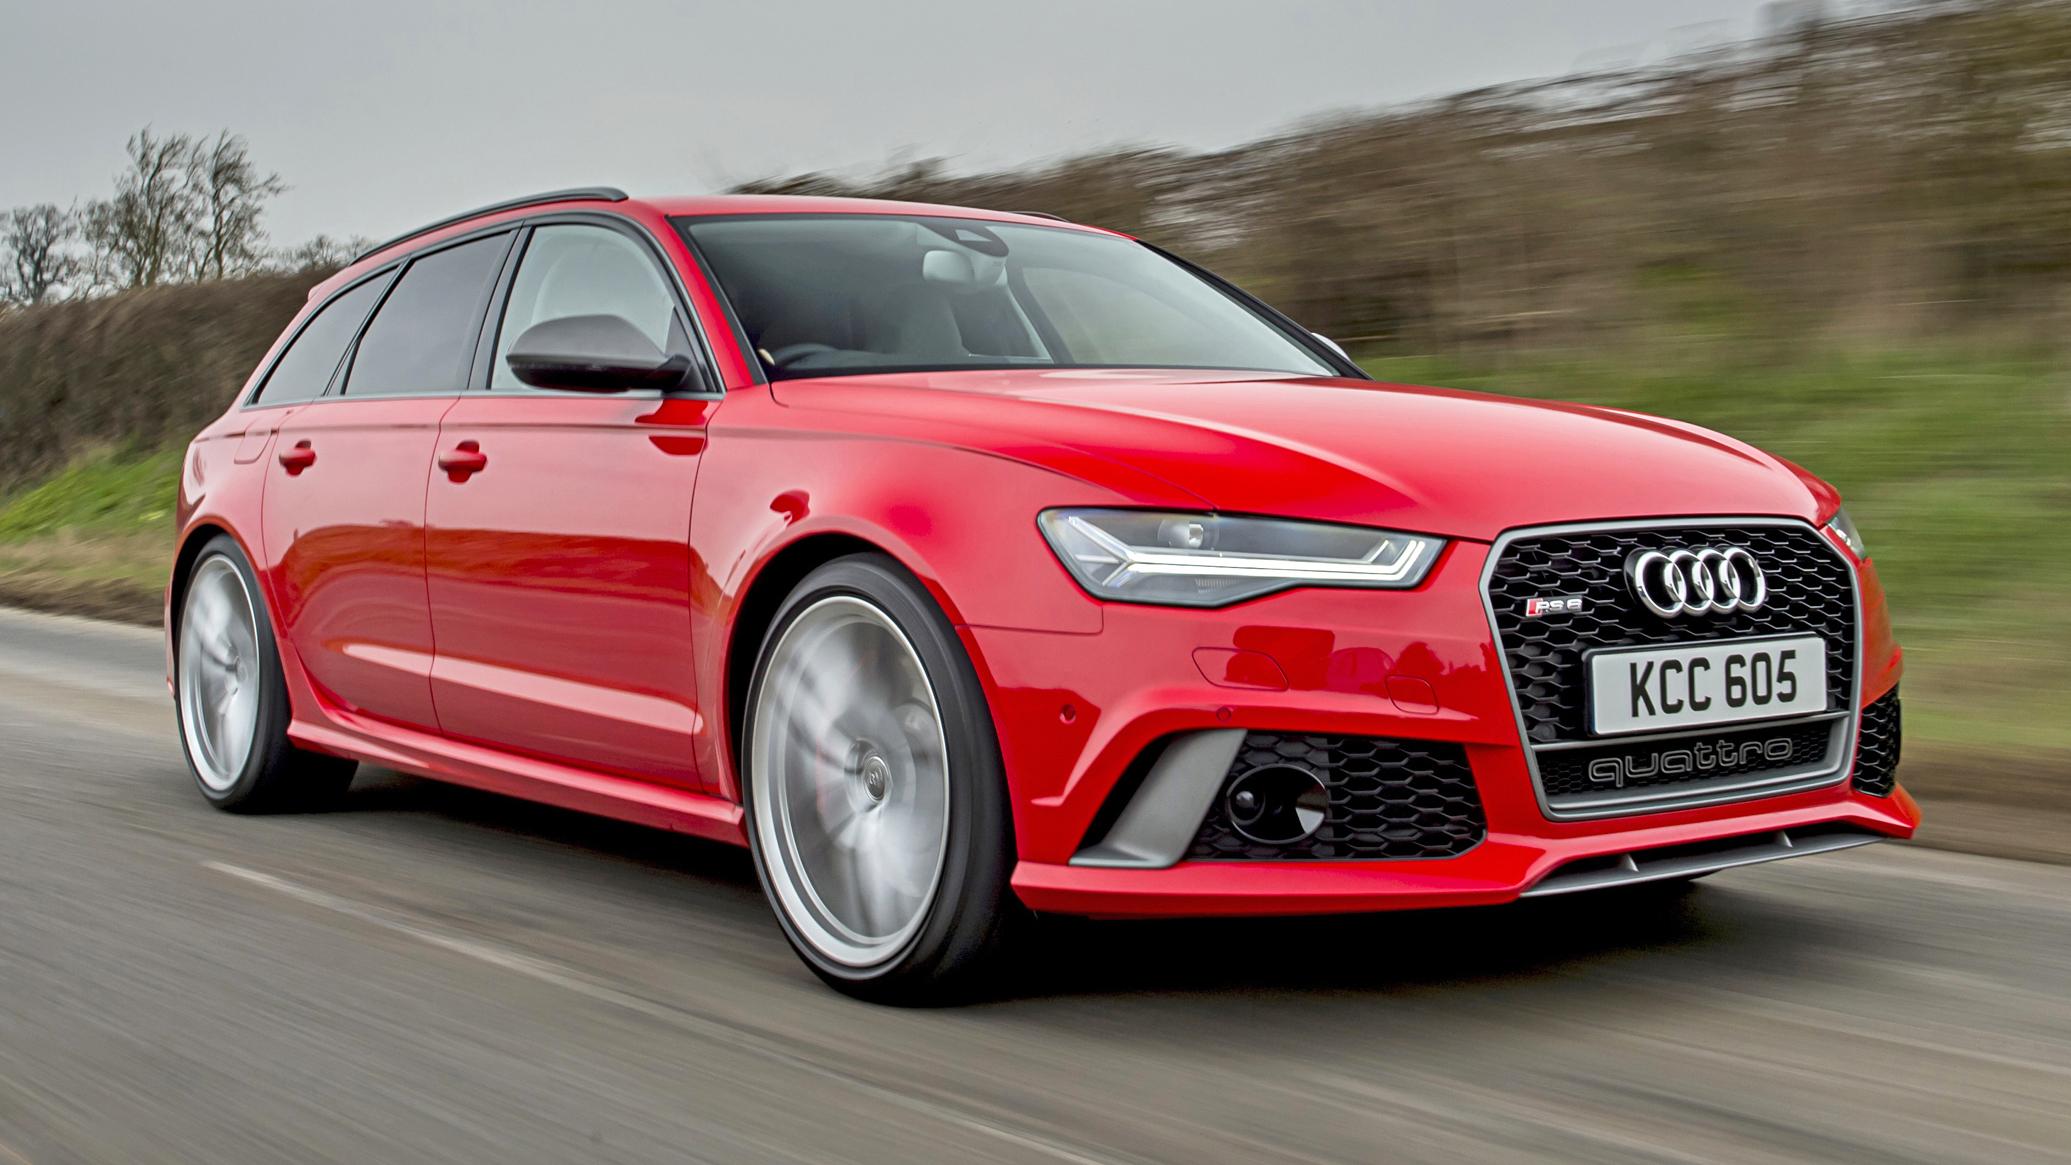 Kekurangan Audi Rs6 Quattro Tangguh